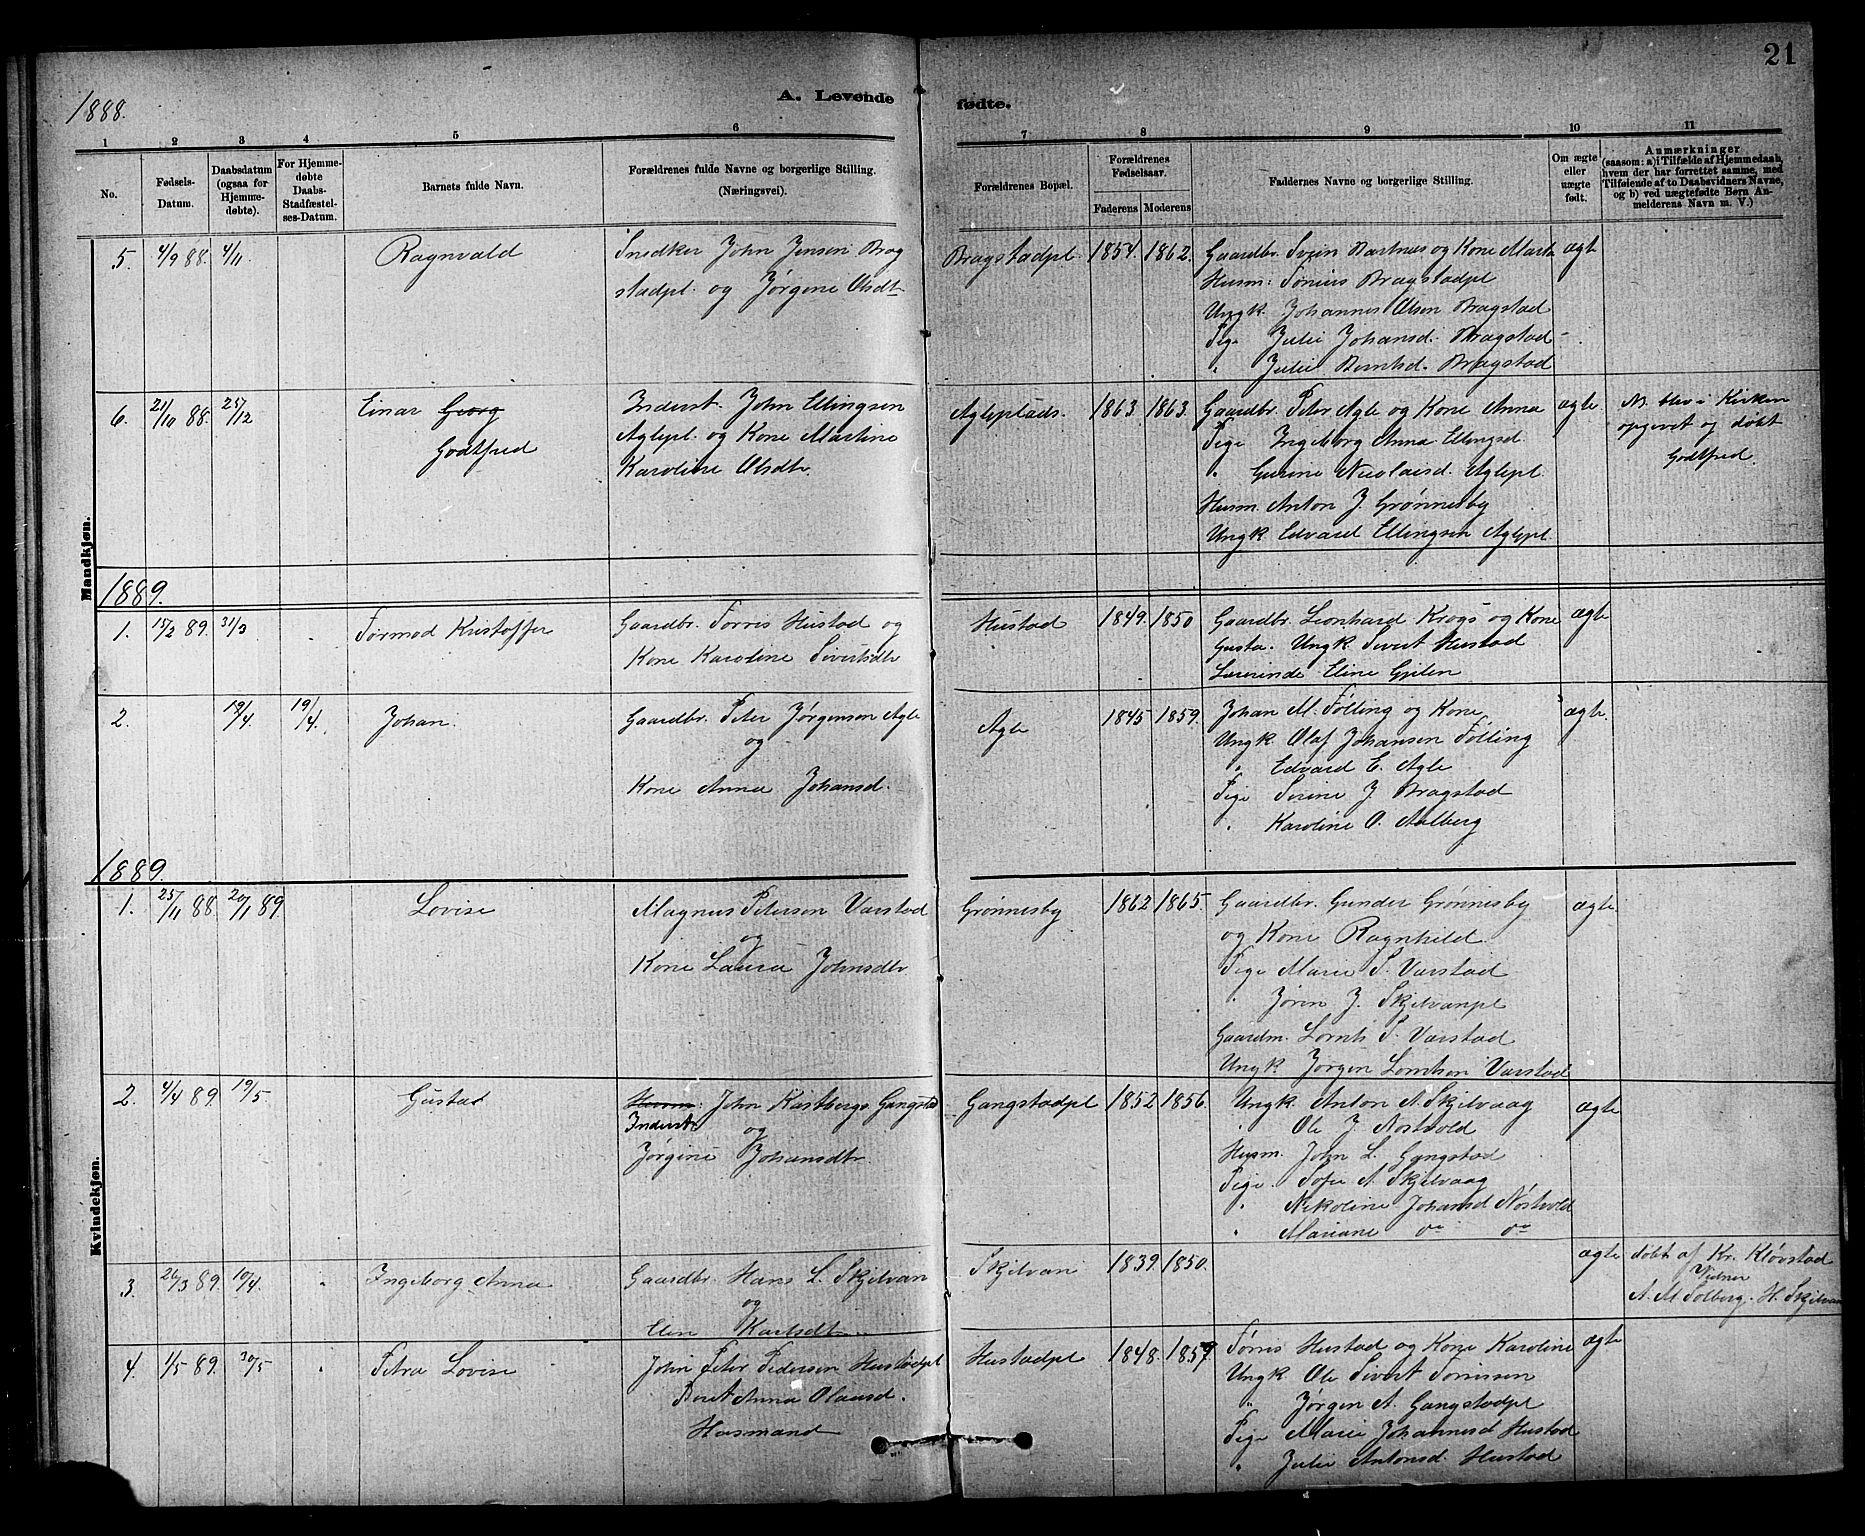 SAT, Ministerialprotokoller, klokkerbøker og fødselsregistre - Nord-Trøndelag, 732/L0318: Klokkerbok nr. 732C02, 1881-1911, s. 21